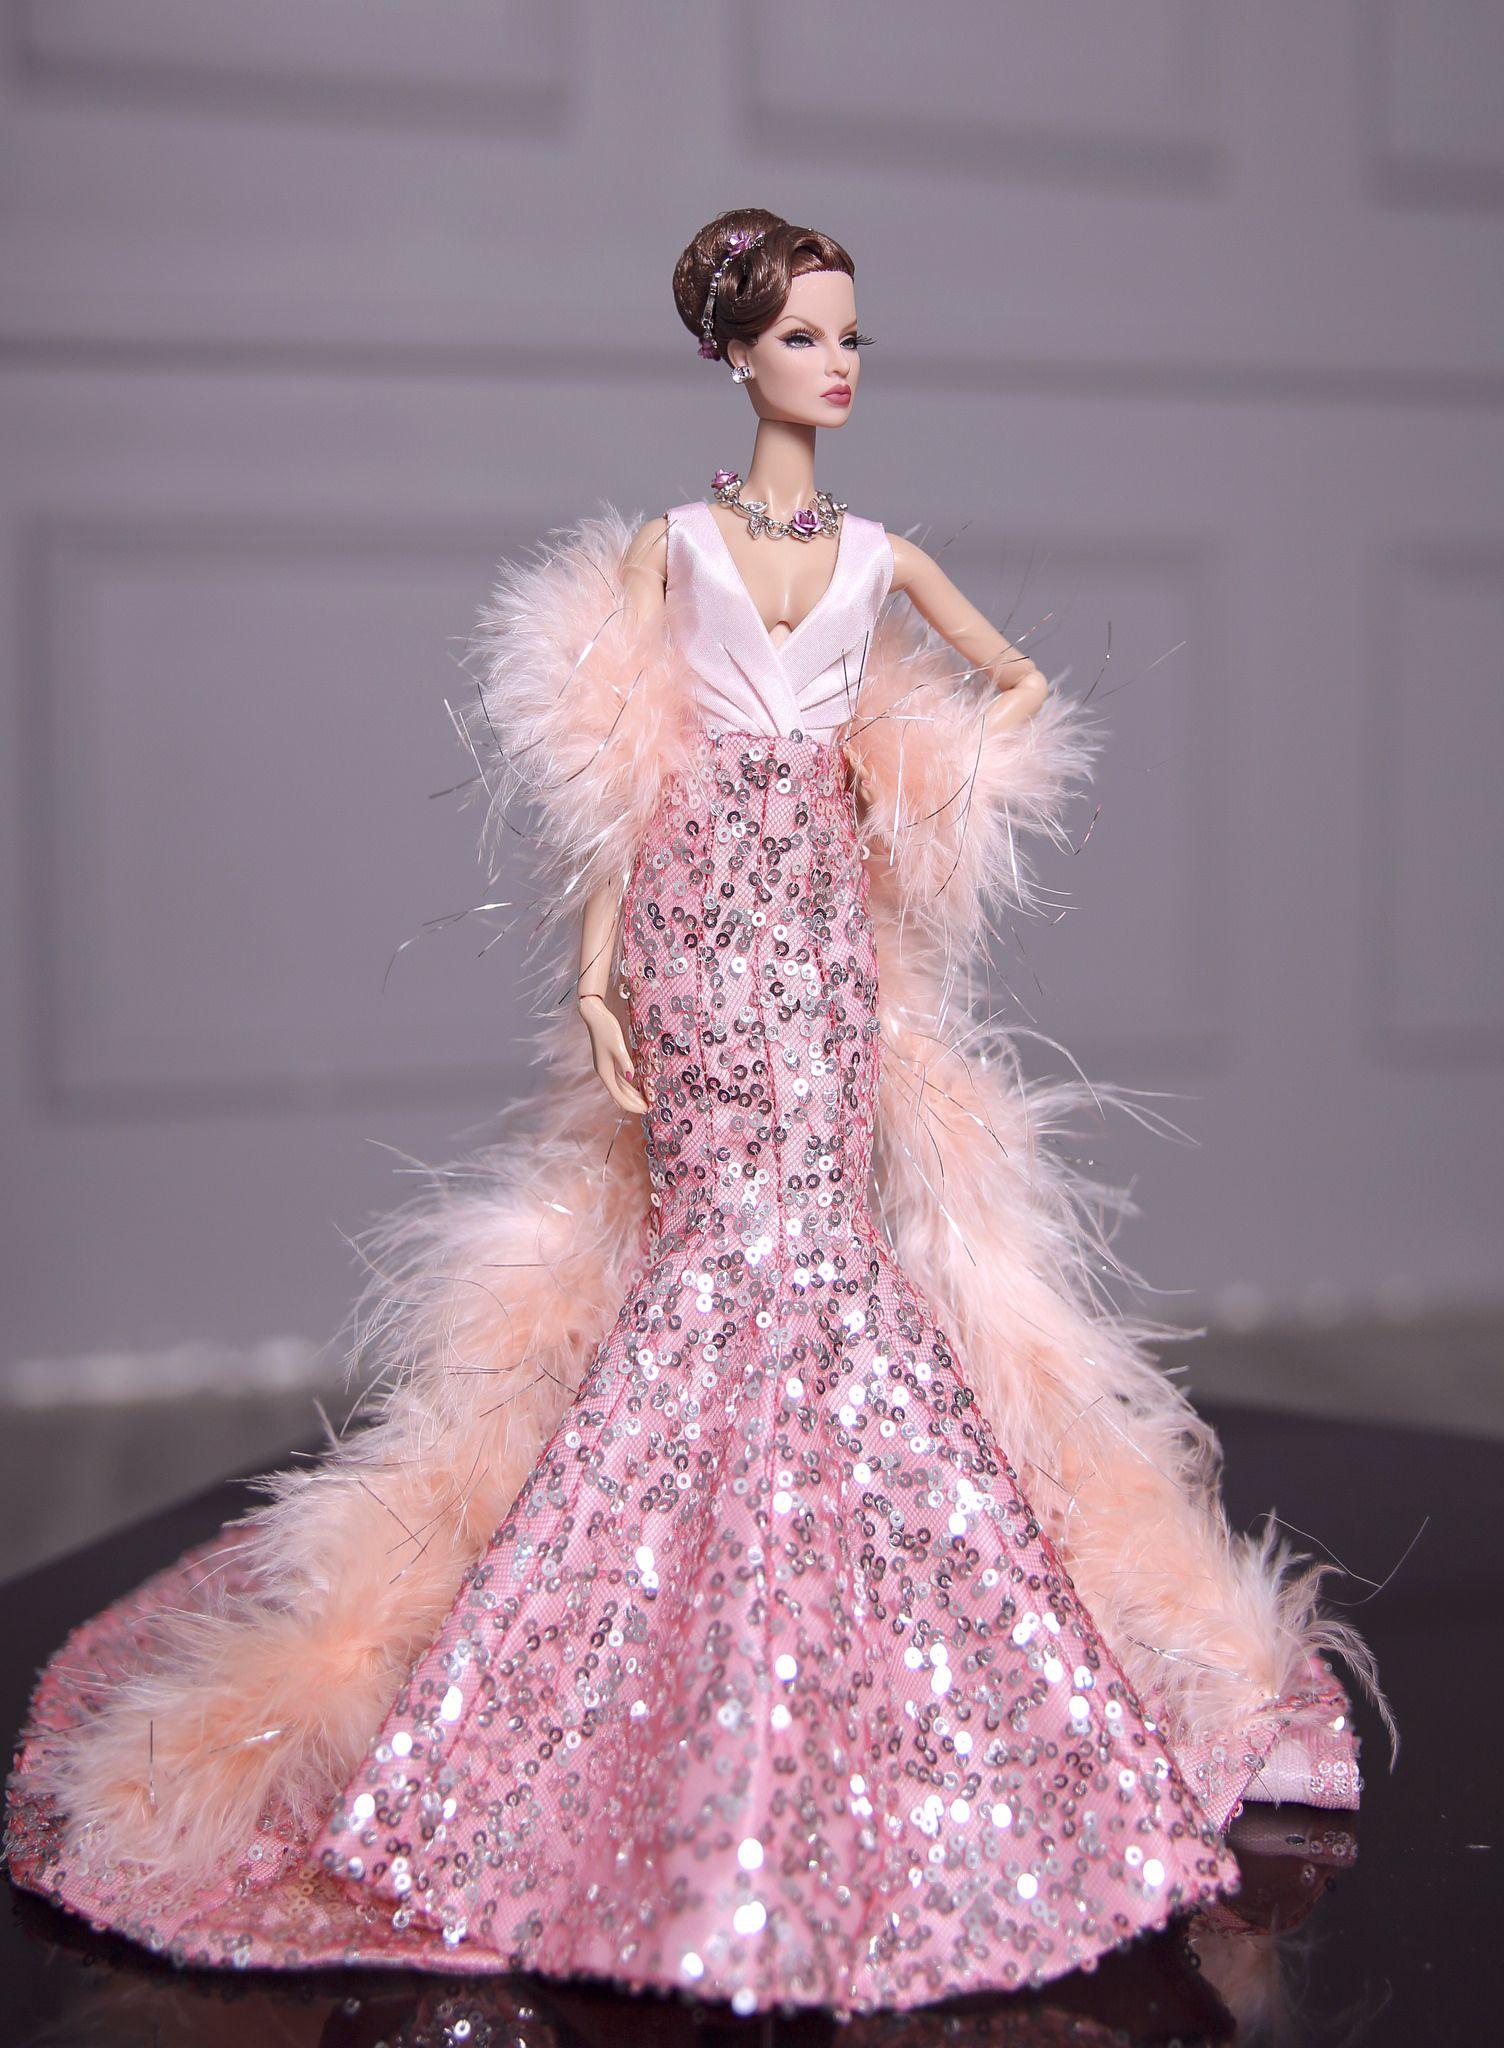 Perfecto Vestido De Novia Risque Embellecimiento - Colección de ...